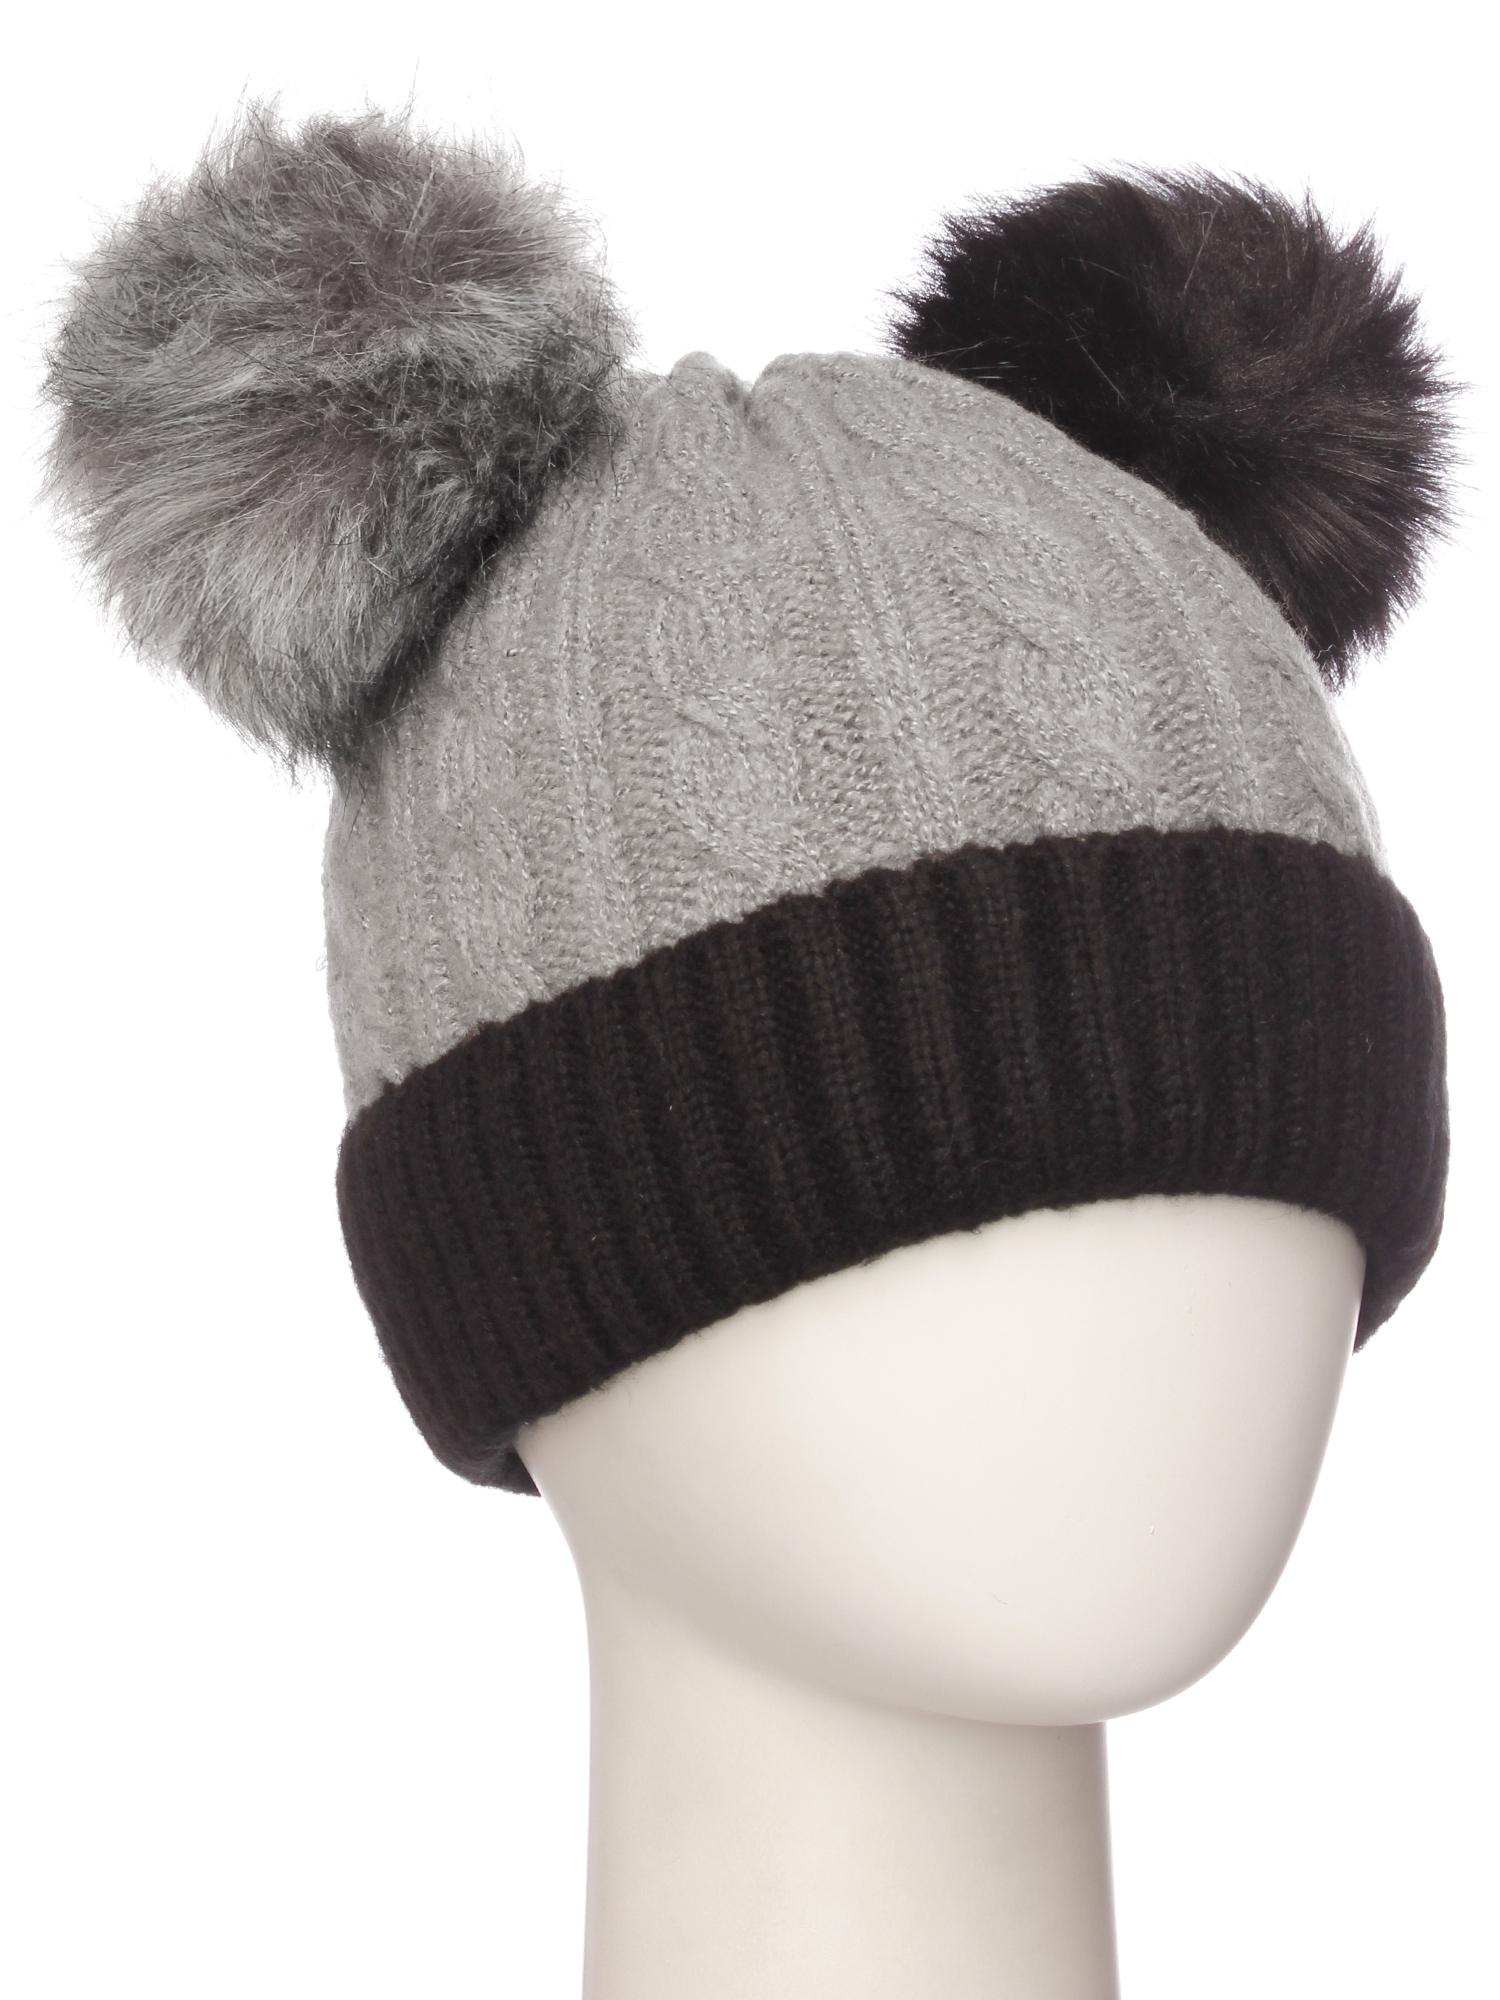 6d1e13df732 Emmalise Women s Double Pom Pom Winter Beanie Warm Winter Knit Hat ...